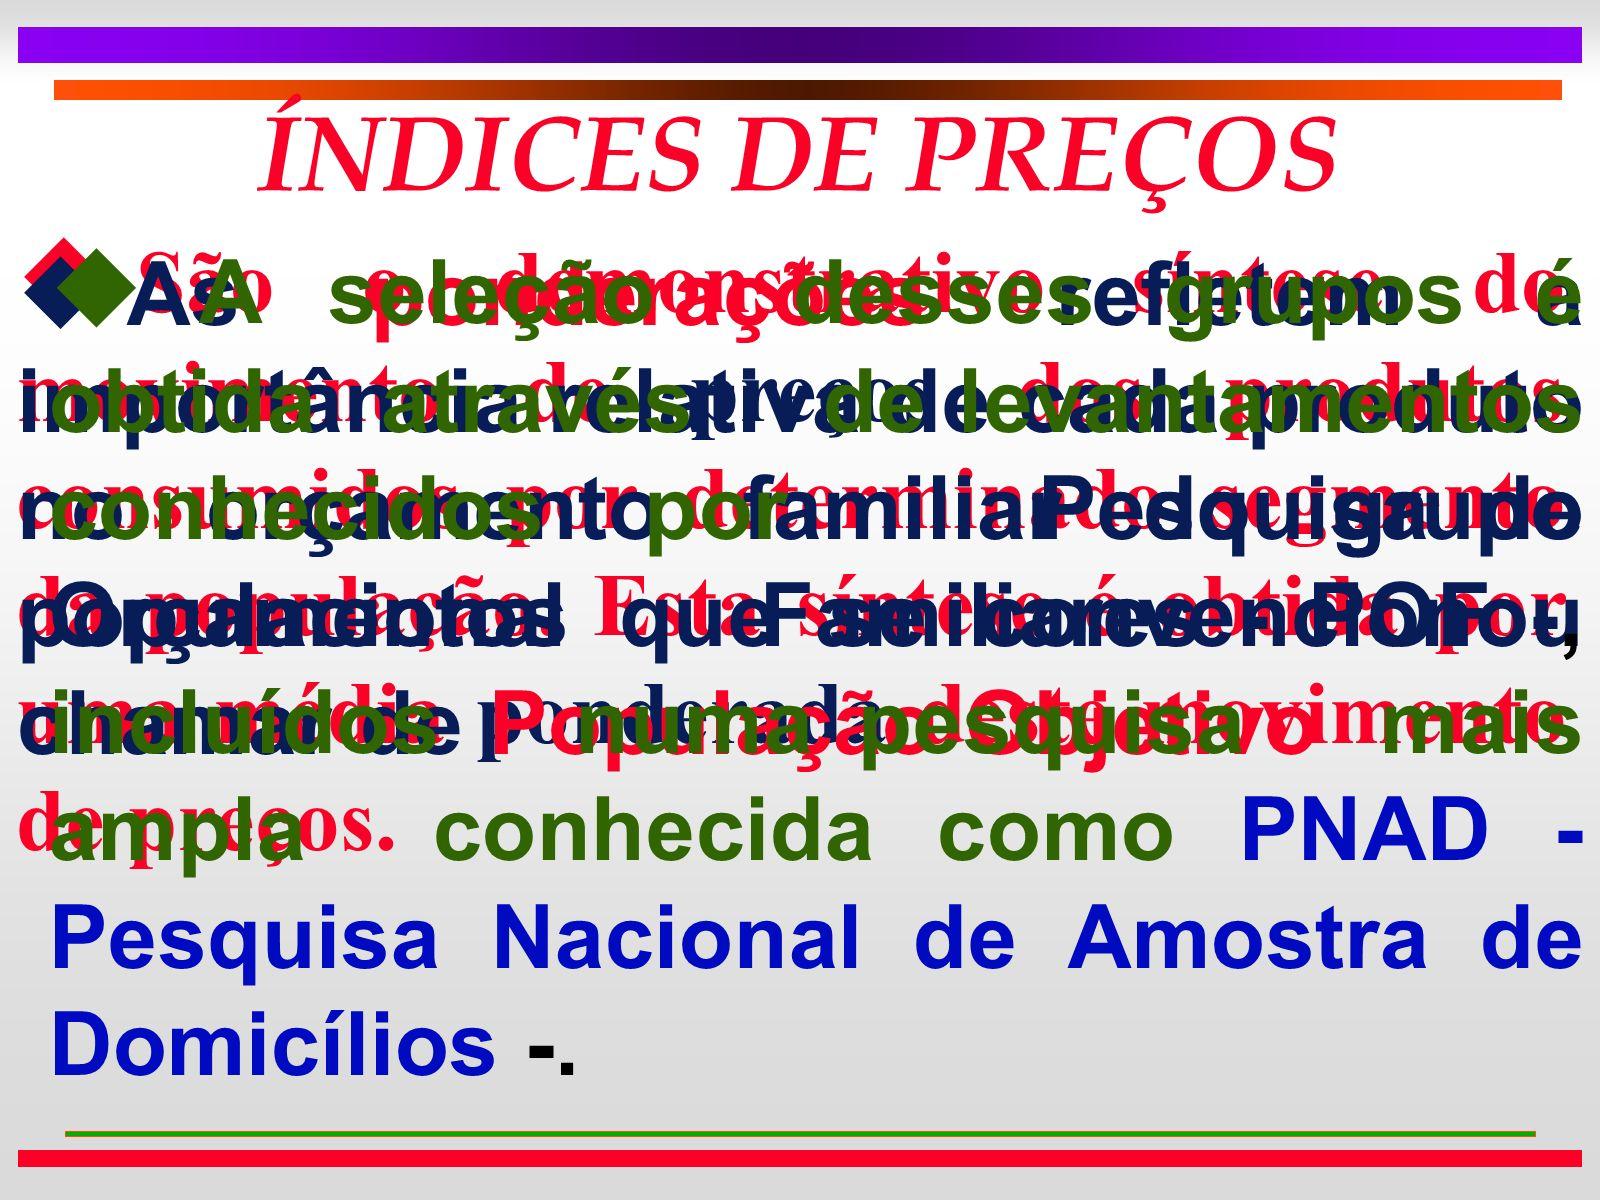 ÍNDICES DE PREÇOS u São o demonstrativo síntese do movimento de preços dos produtos consumidos por determinado segmento da população.